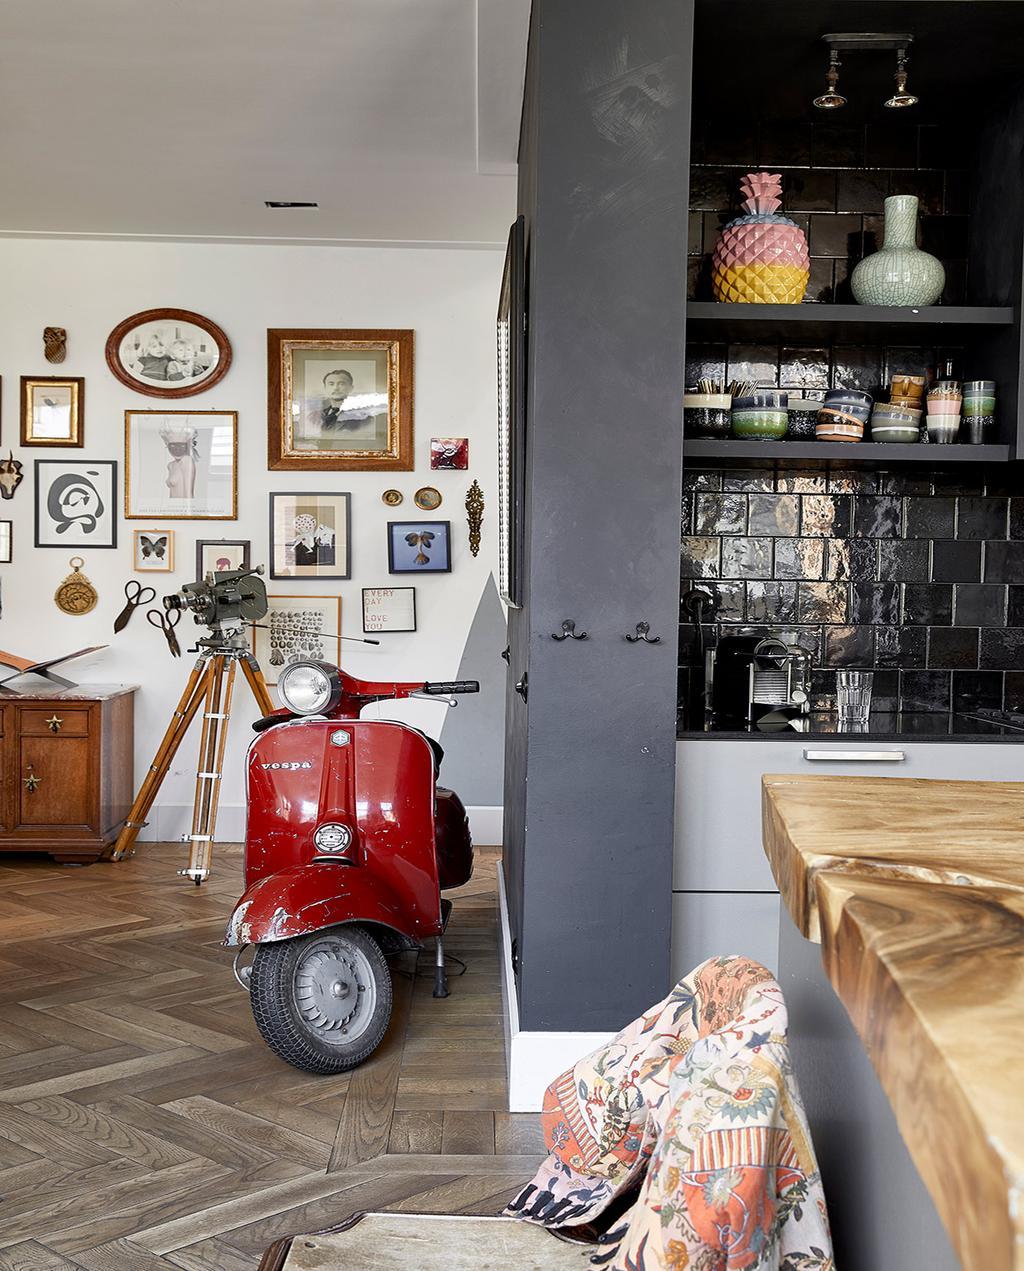 vtwonen 02-2021 | binnenkijken bij Martine, een rode vespa in de woonkamer met fotolijsten op de achtergrond